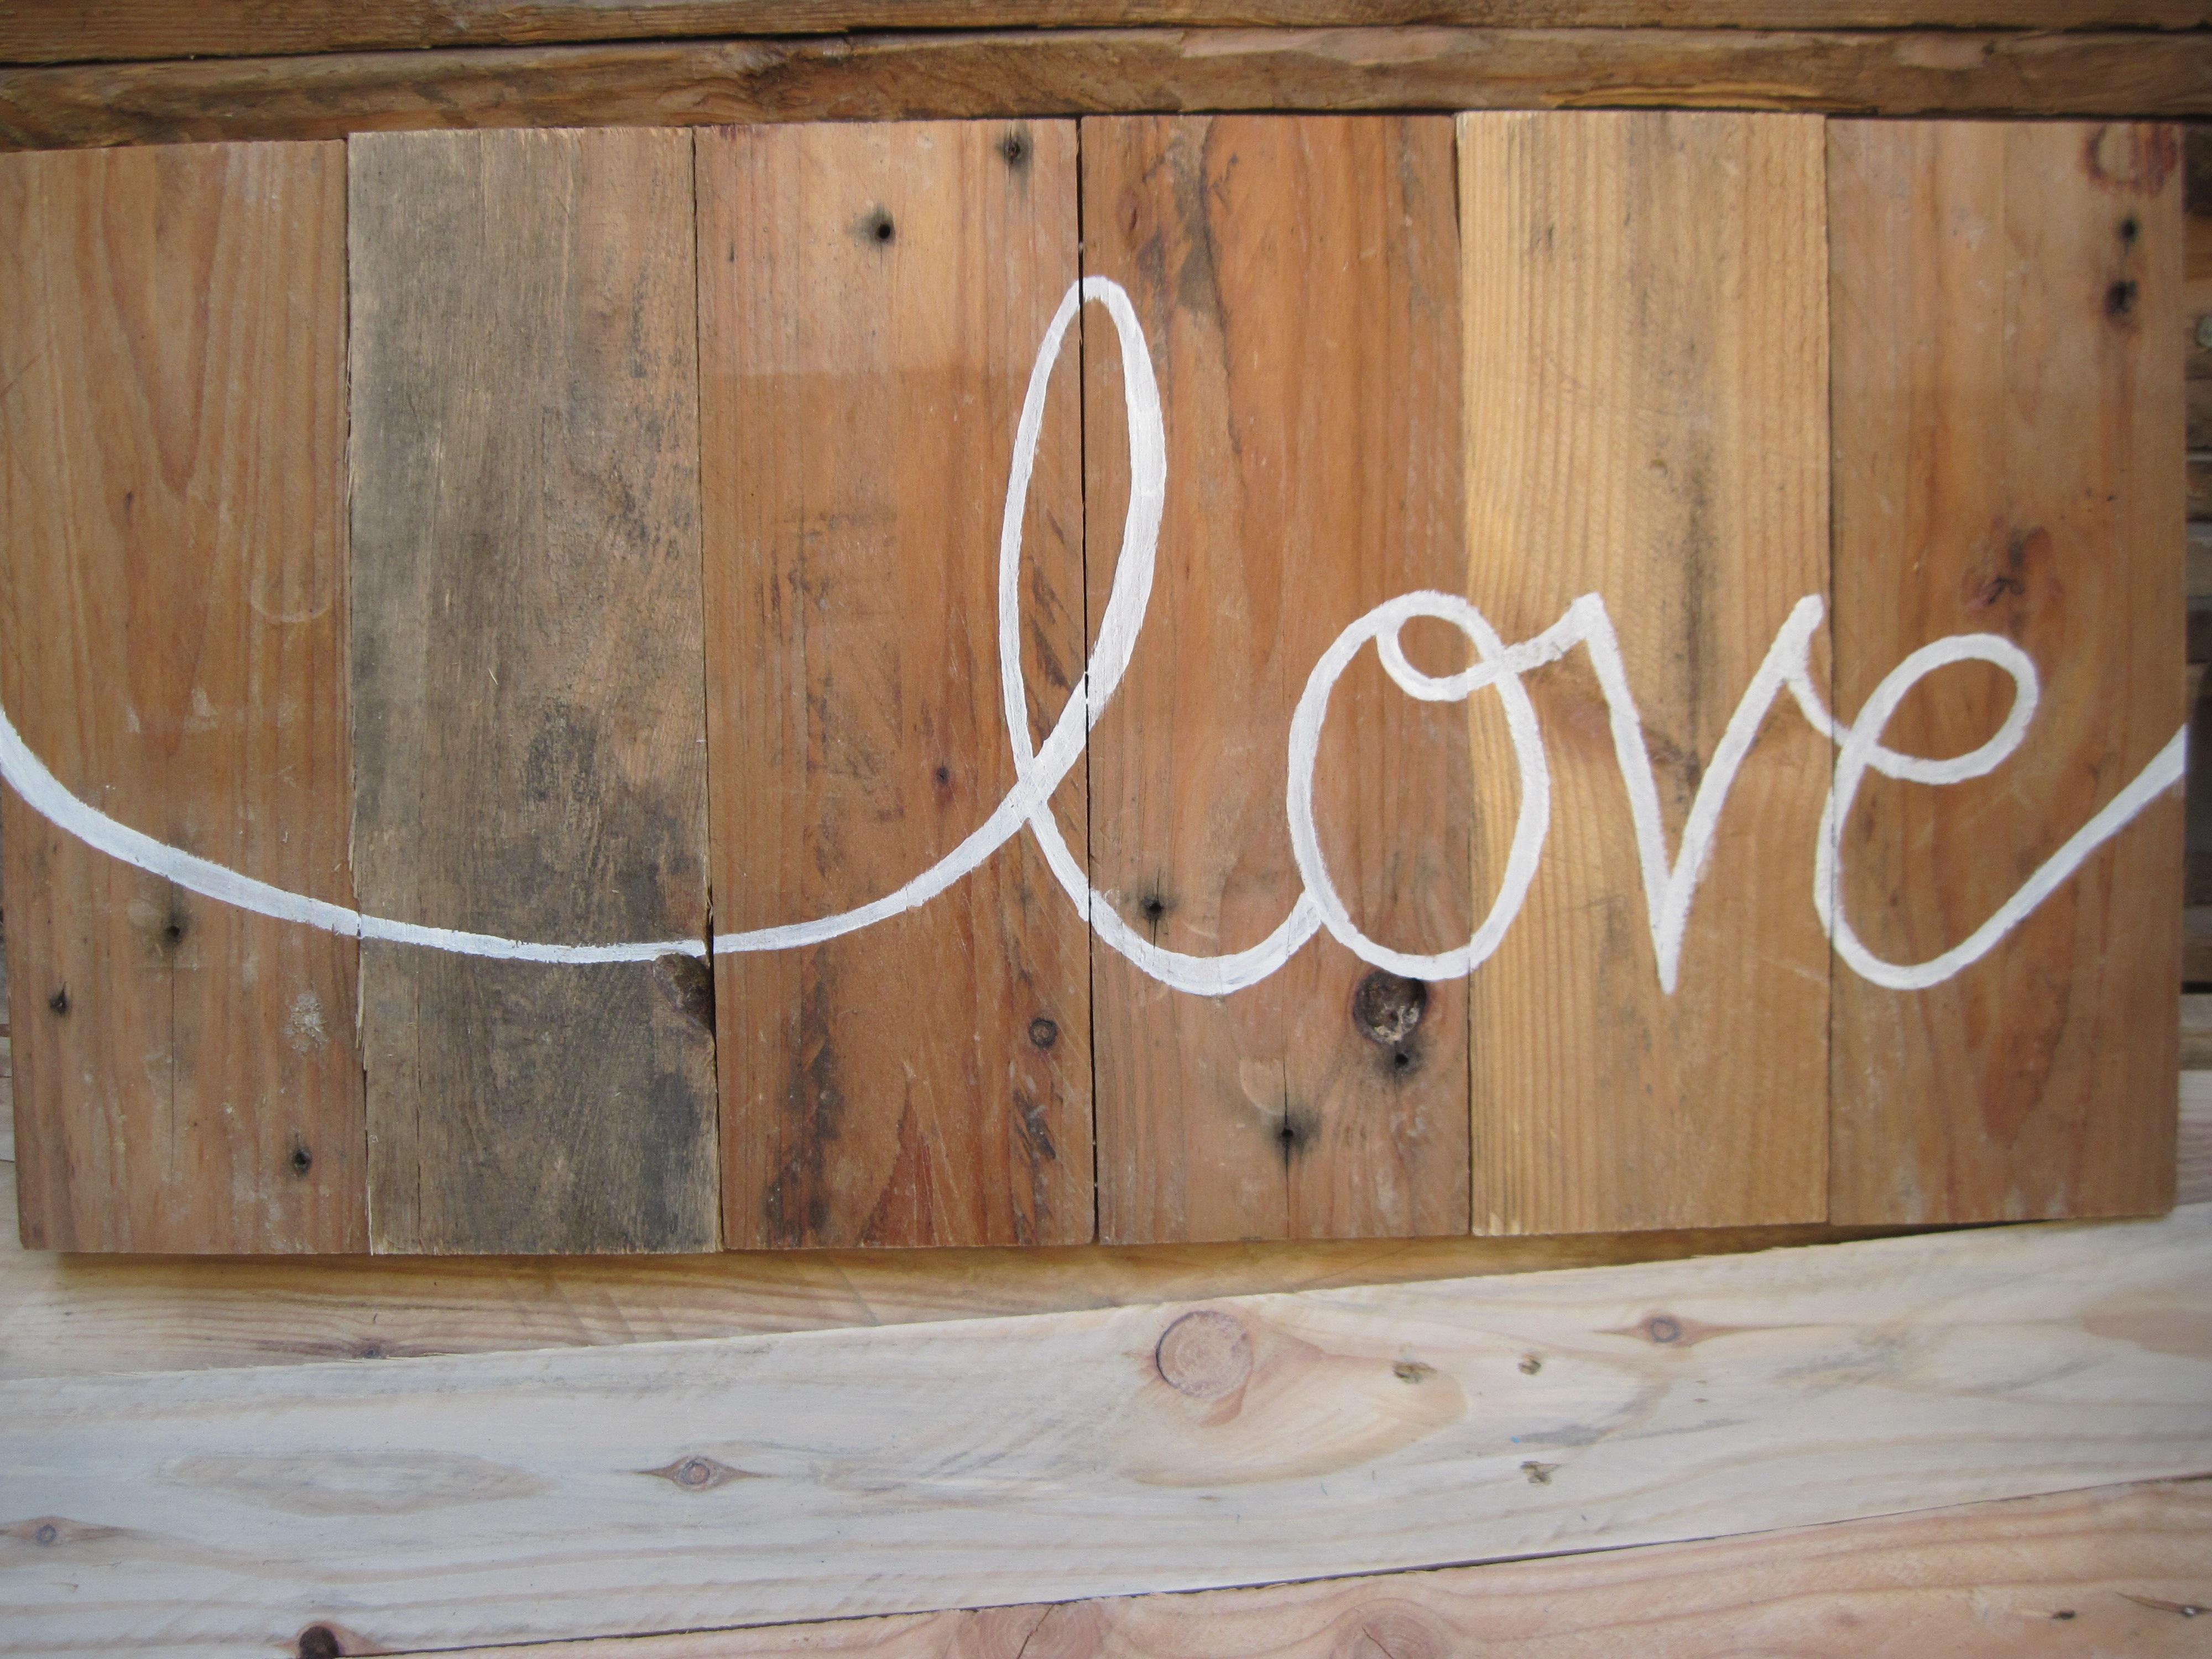 รูปภาพ ตาราง เนื้อไม้ ผนัง บ้านนอก ลงชื่อ ความรัก